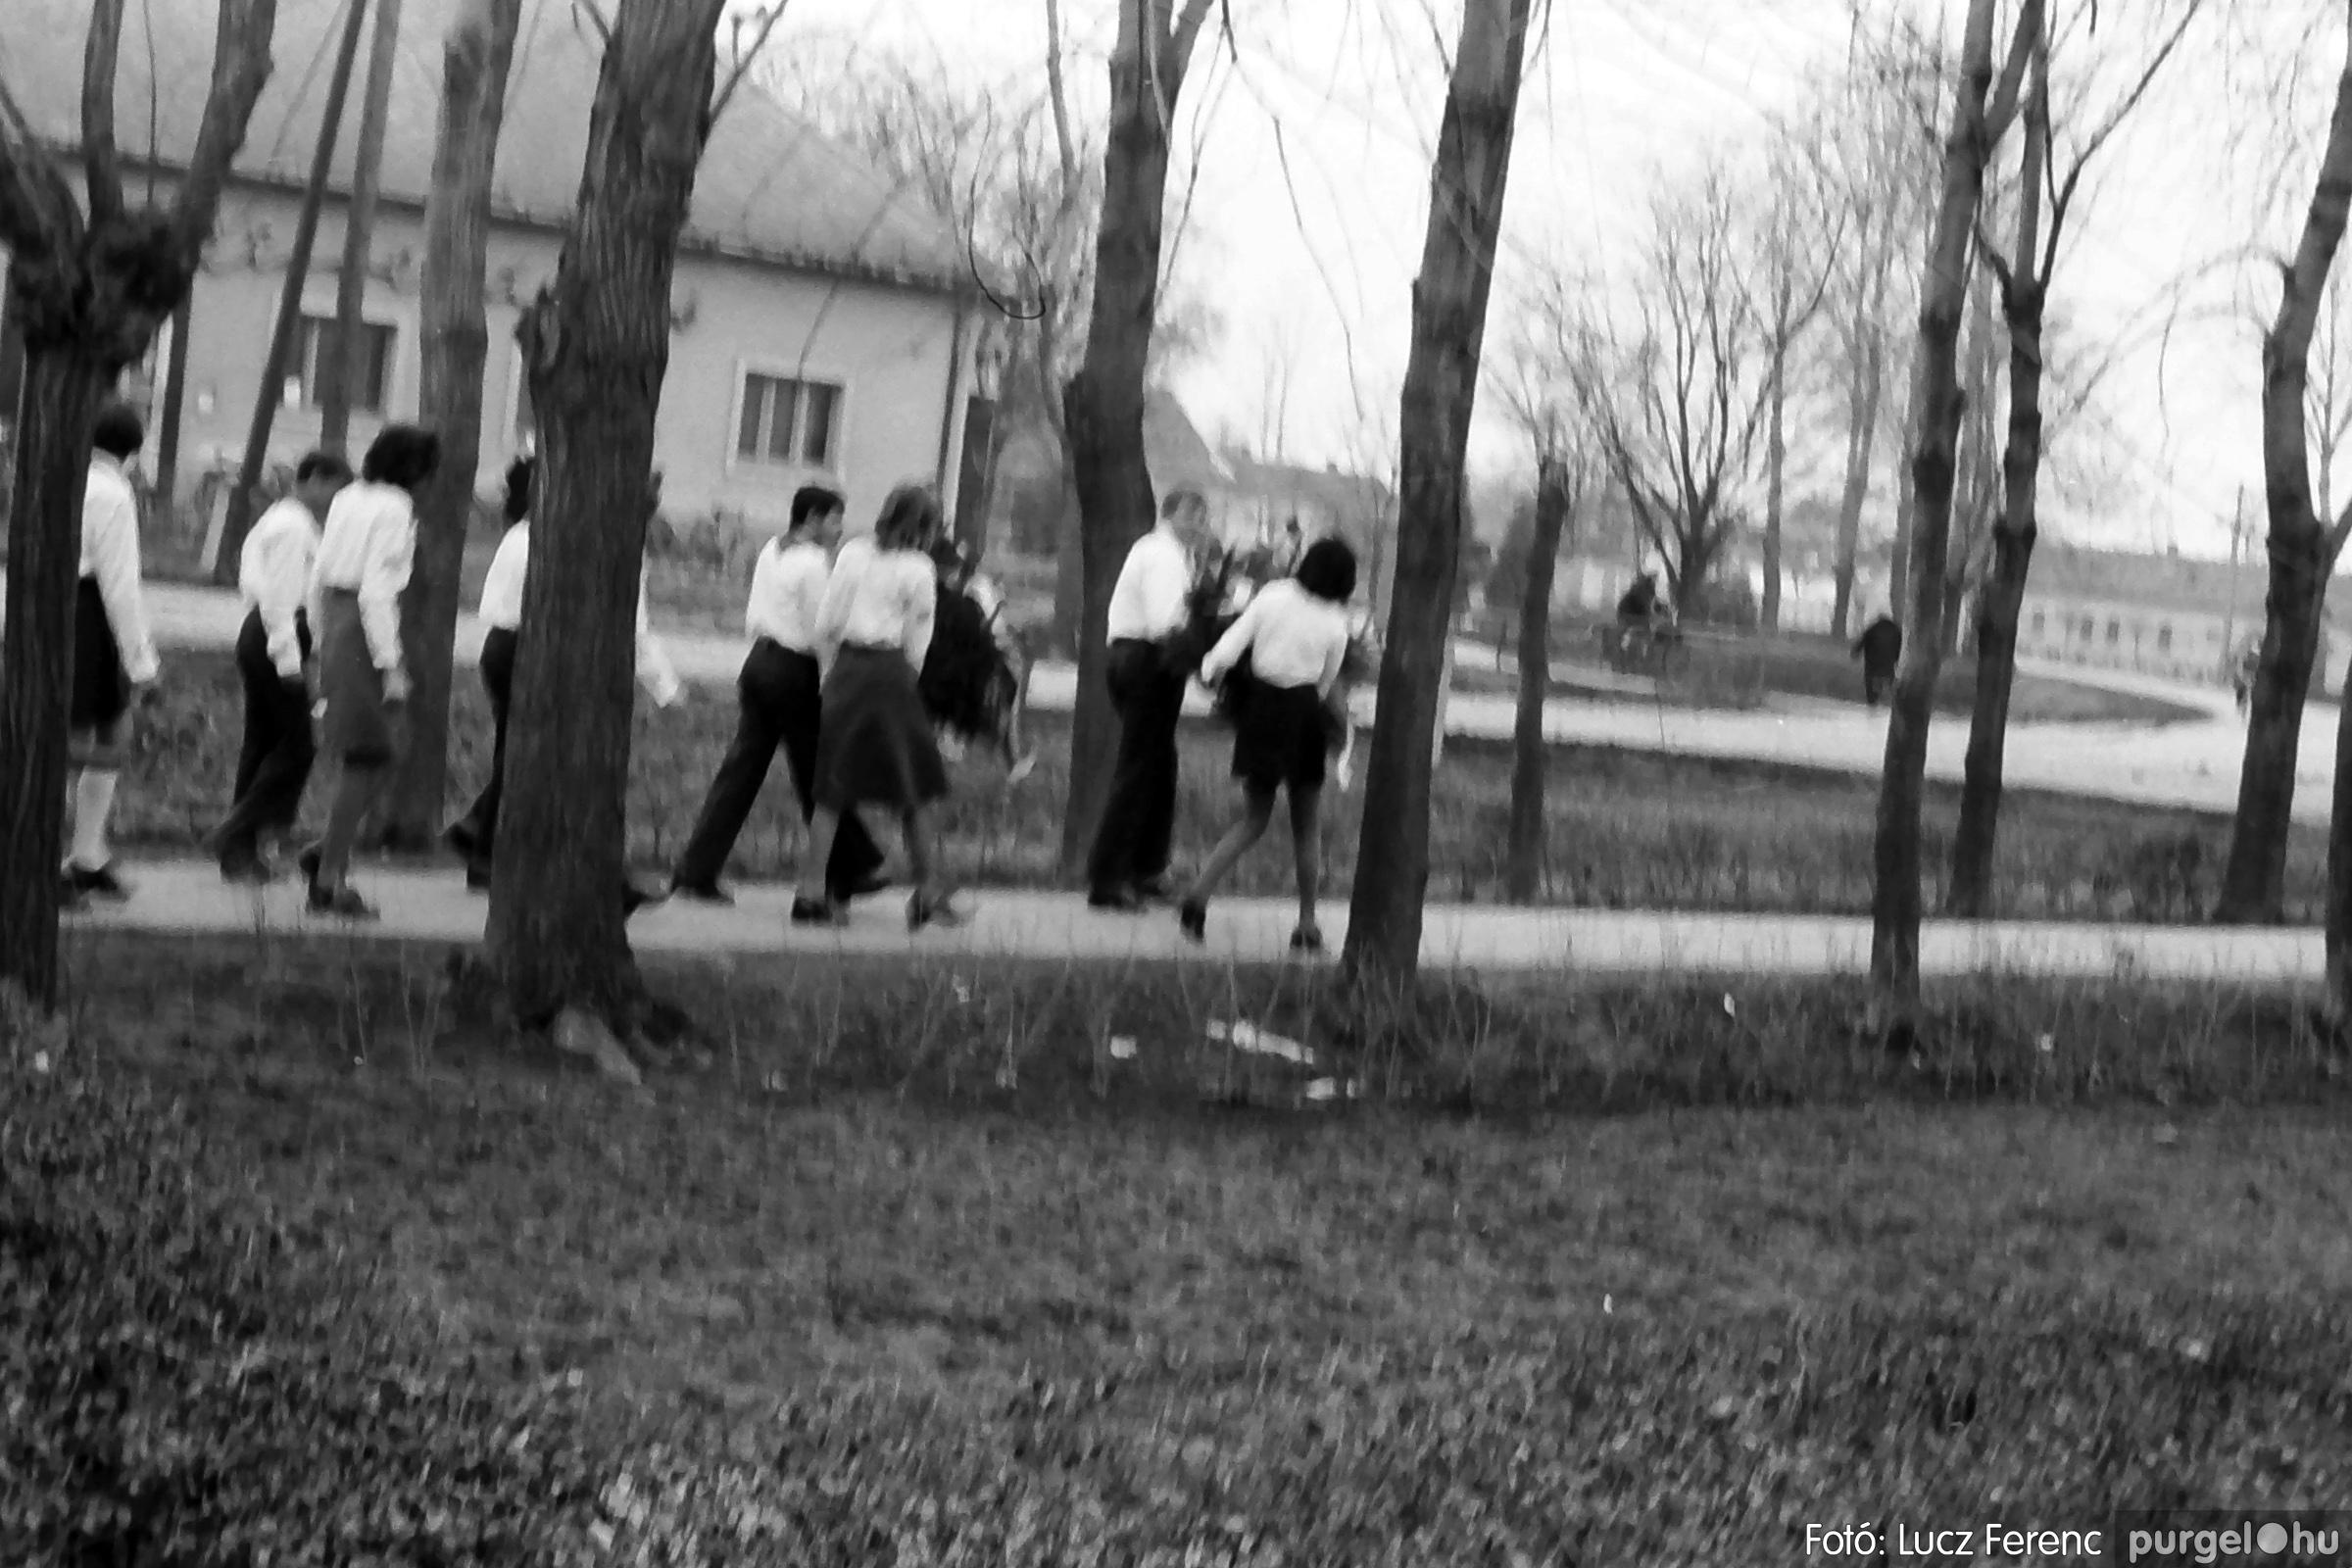 043. 1976. Emlékezés a szegvári direktóriumra 004. - Fotó: Lucz Ferenc - IMG00264q.jpg